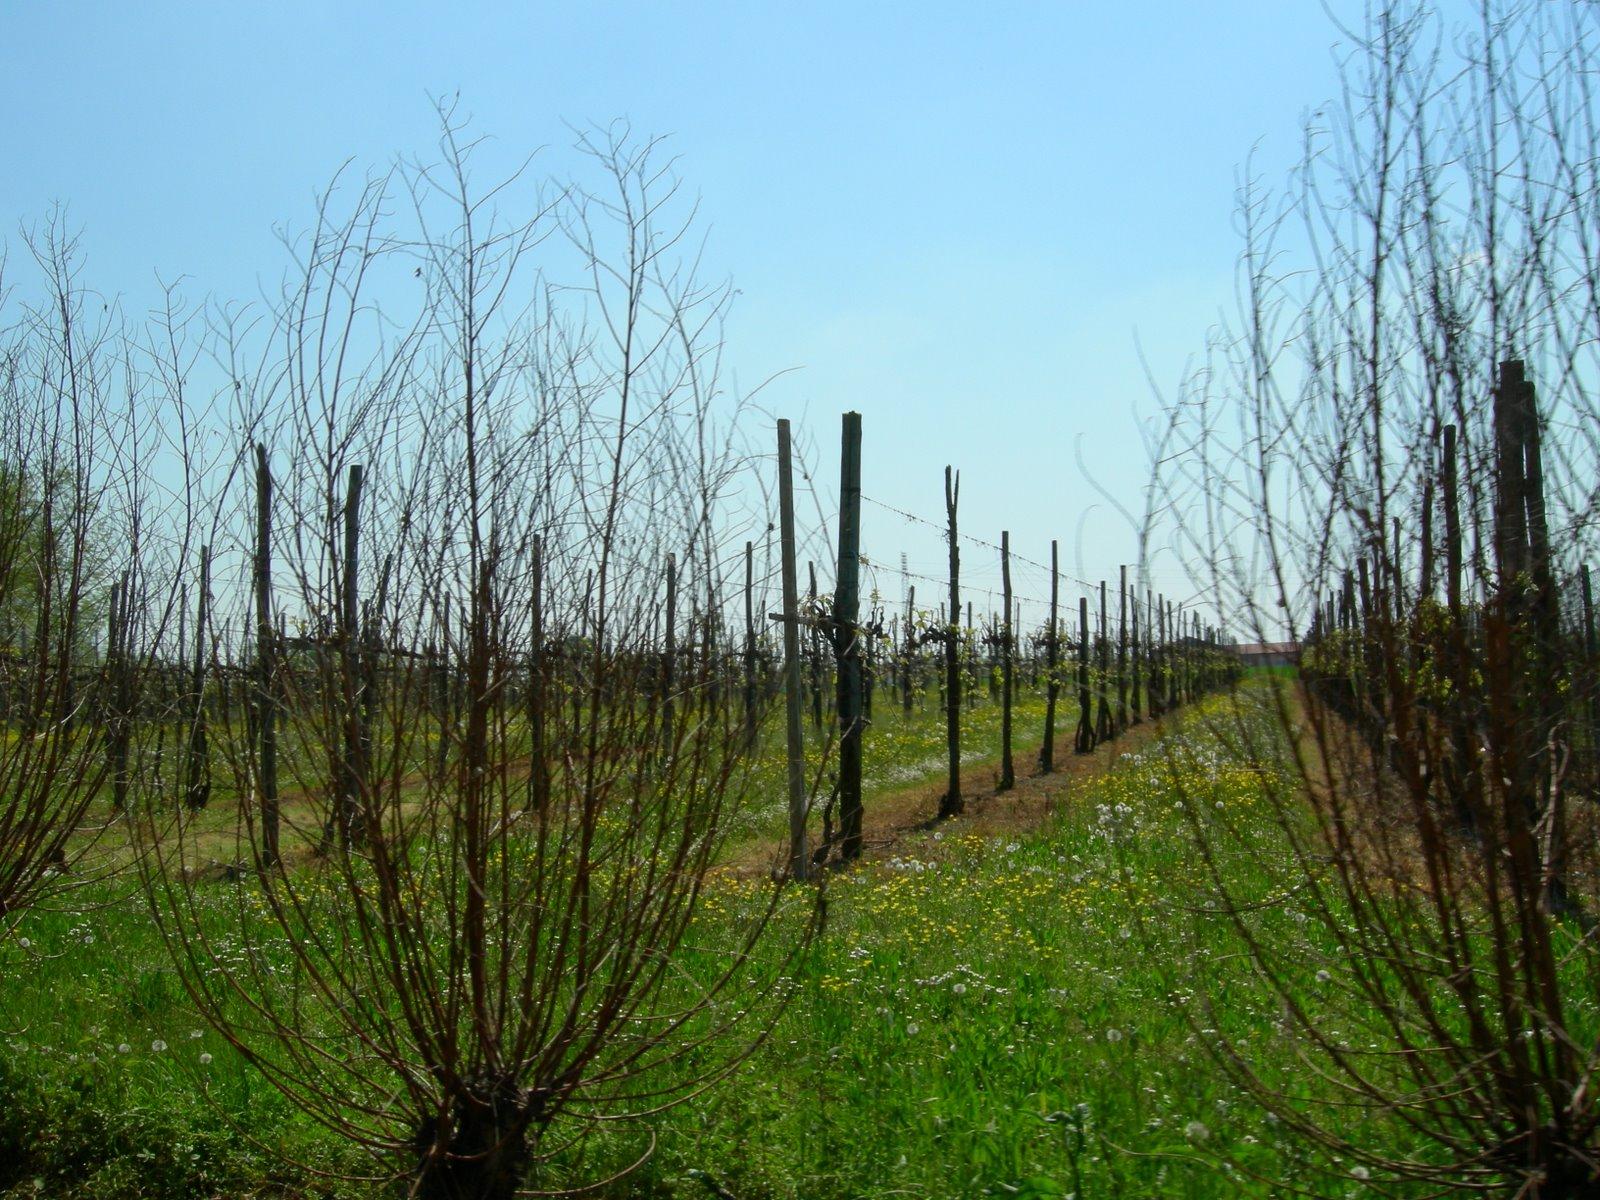 Terreno Agricolo in vendita a Ponzano Veneto, 9999 locali, zona Zona: Merlengo, prezzo € 70.000 | CambioCasa.it